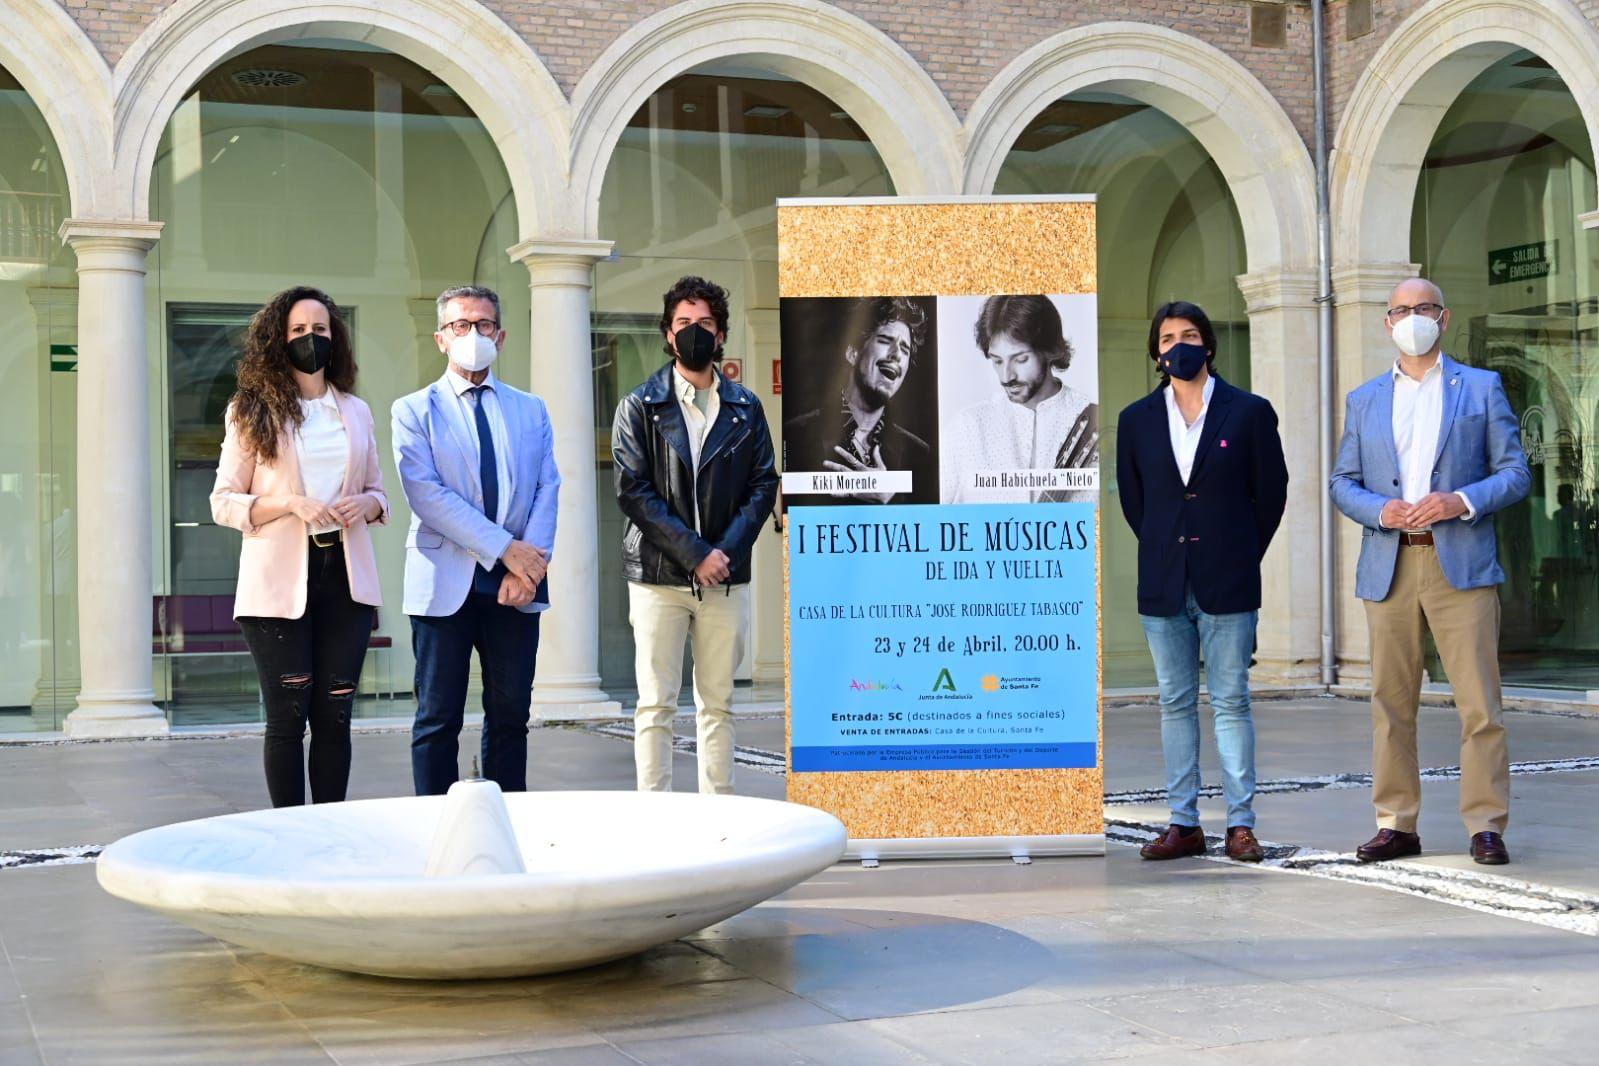 Turismo impulsa el I Festival de Músicas de ida y vuelta en el marco de las Capitulaciones de Santa Fe